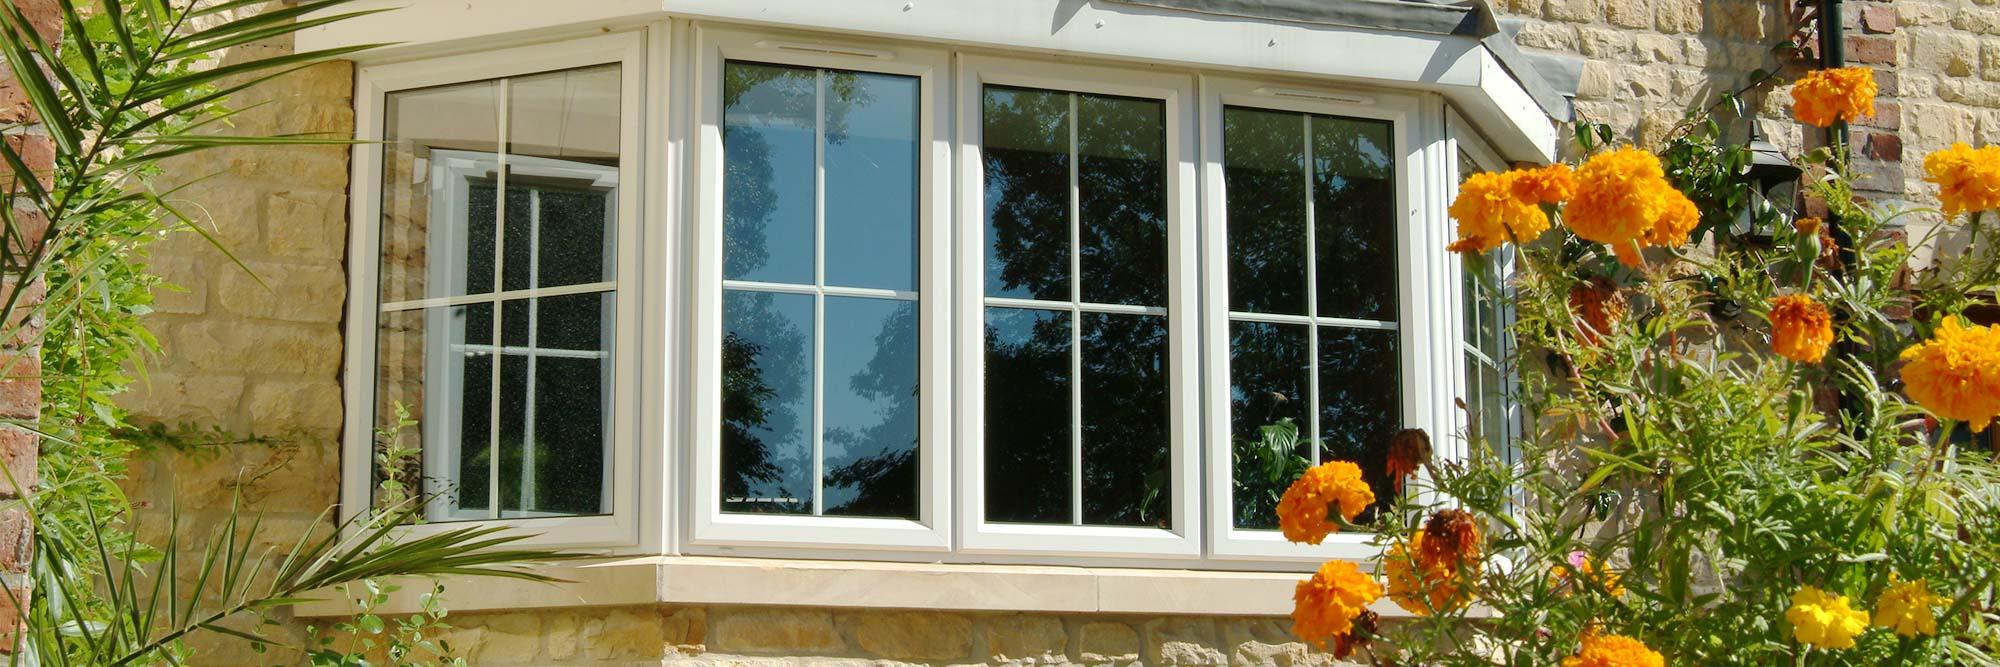 ProFit windows